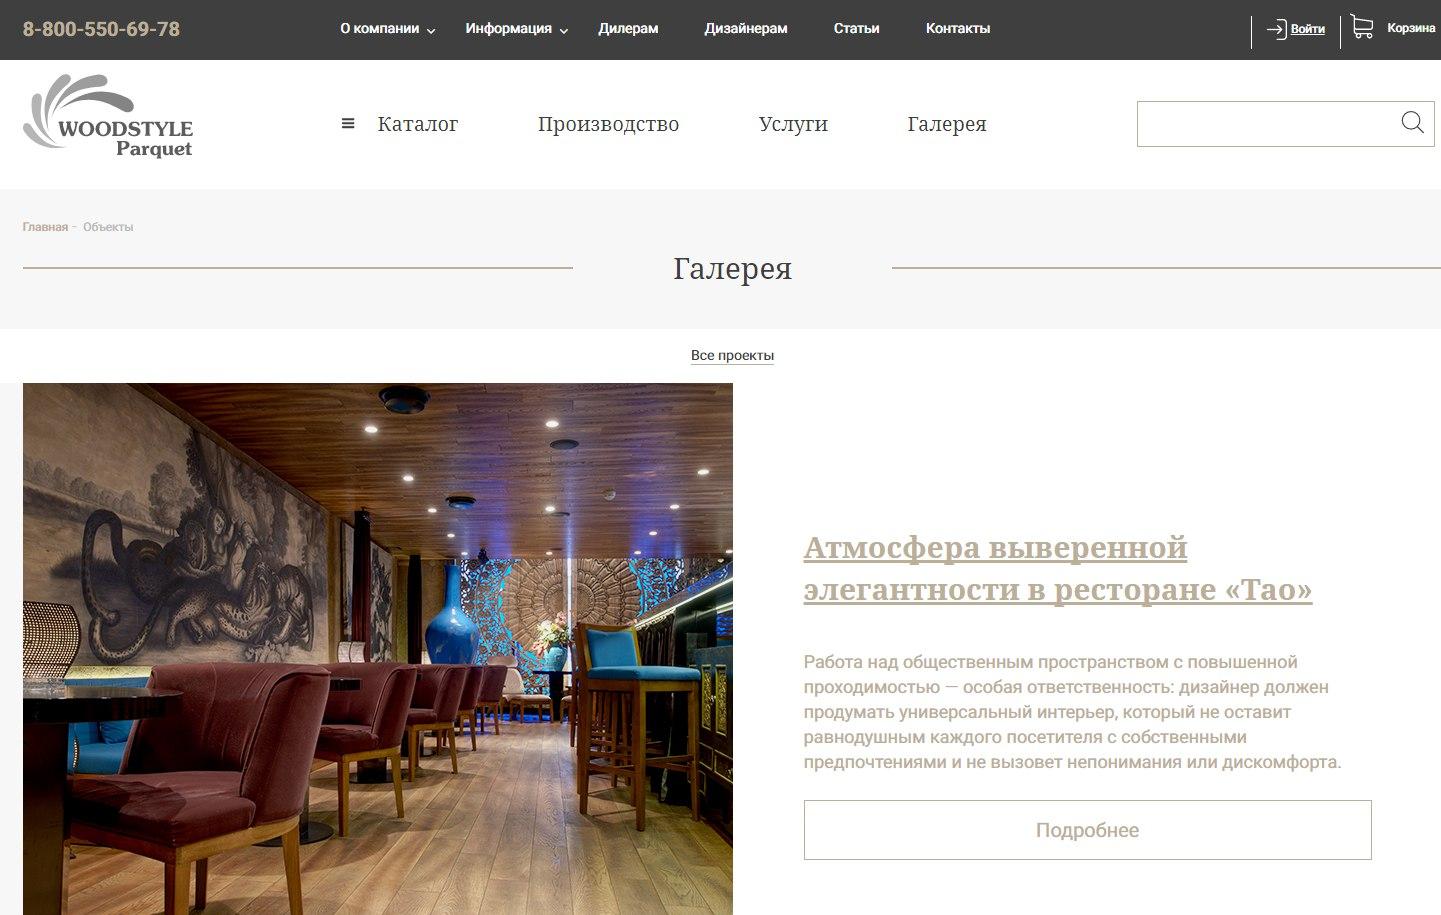 Специалисты Т.Т.Консалтинг запустили новый сайт компании WOODSTYLE Parquet